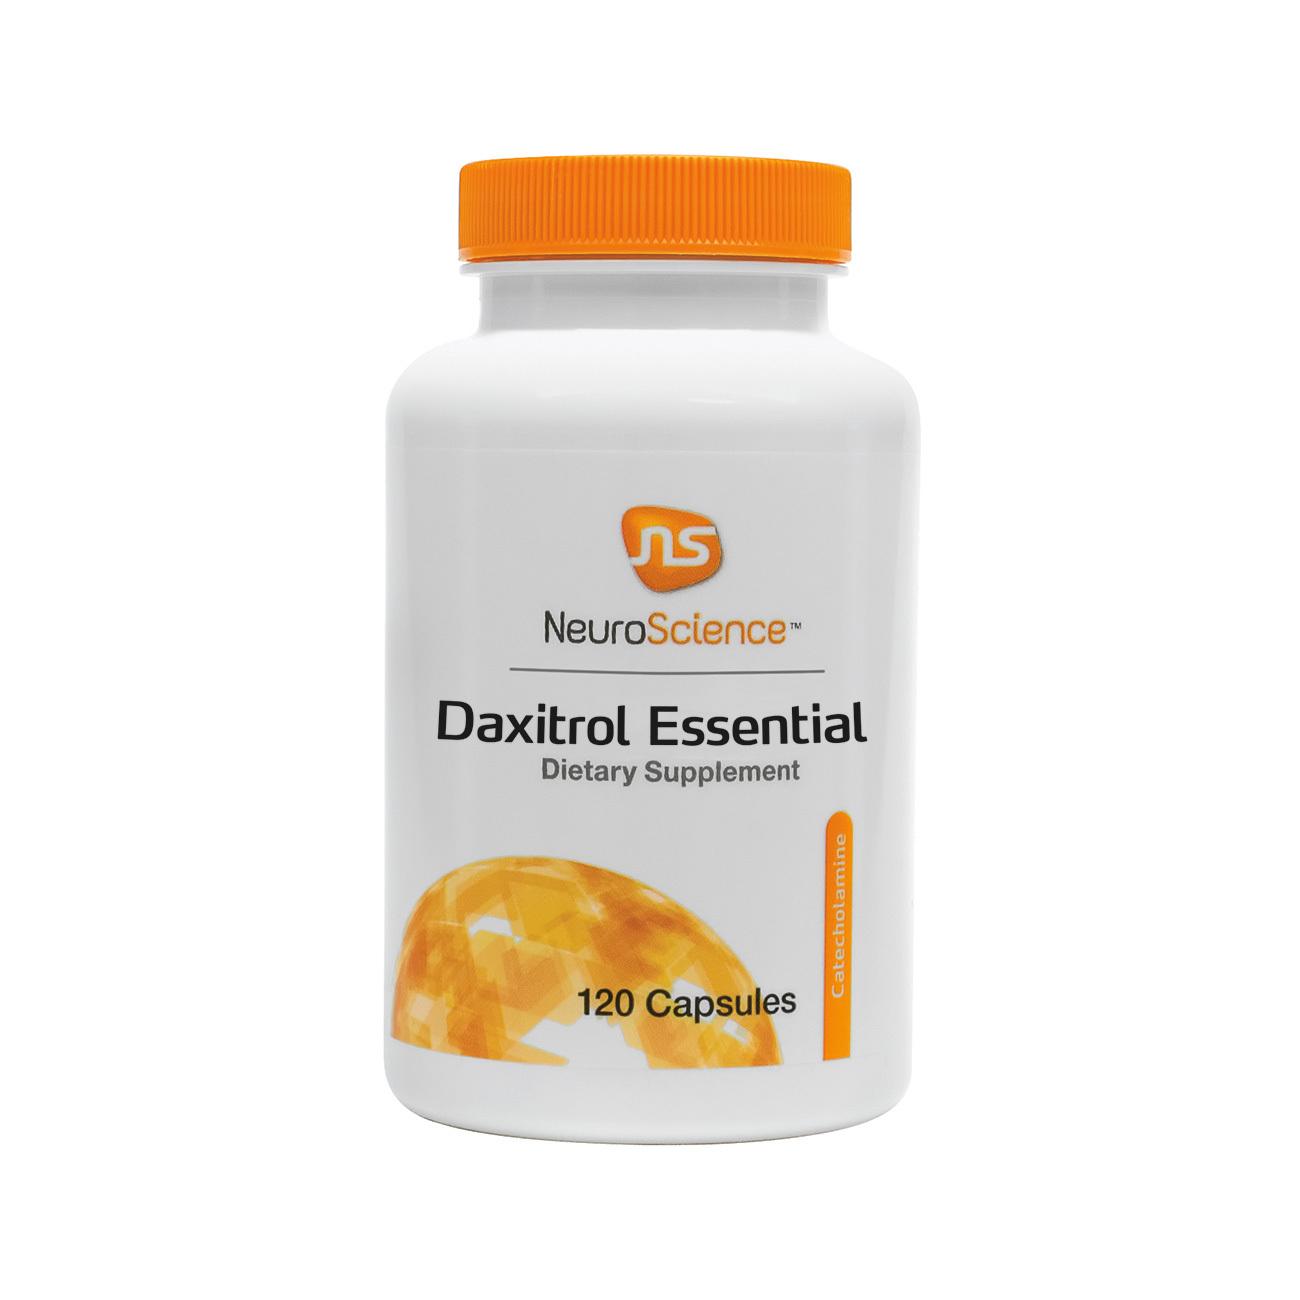 Daxitrol Essential 120 capsules